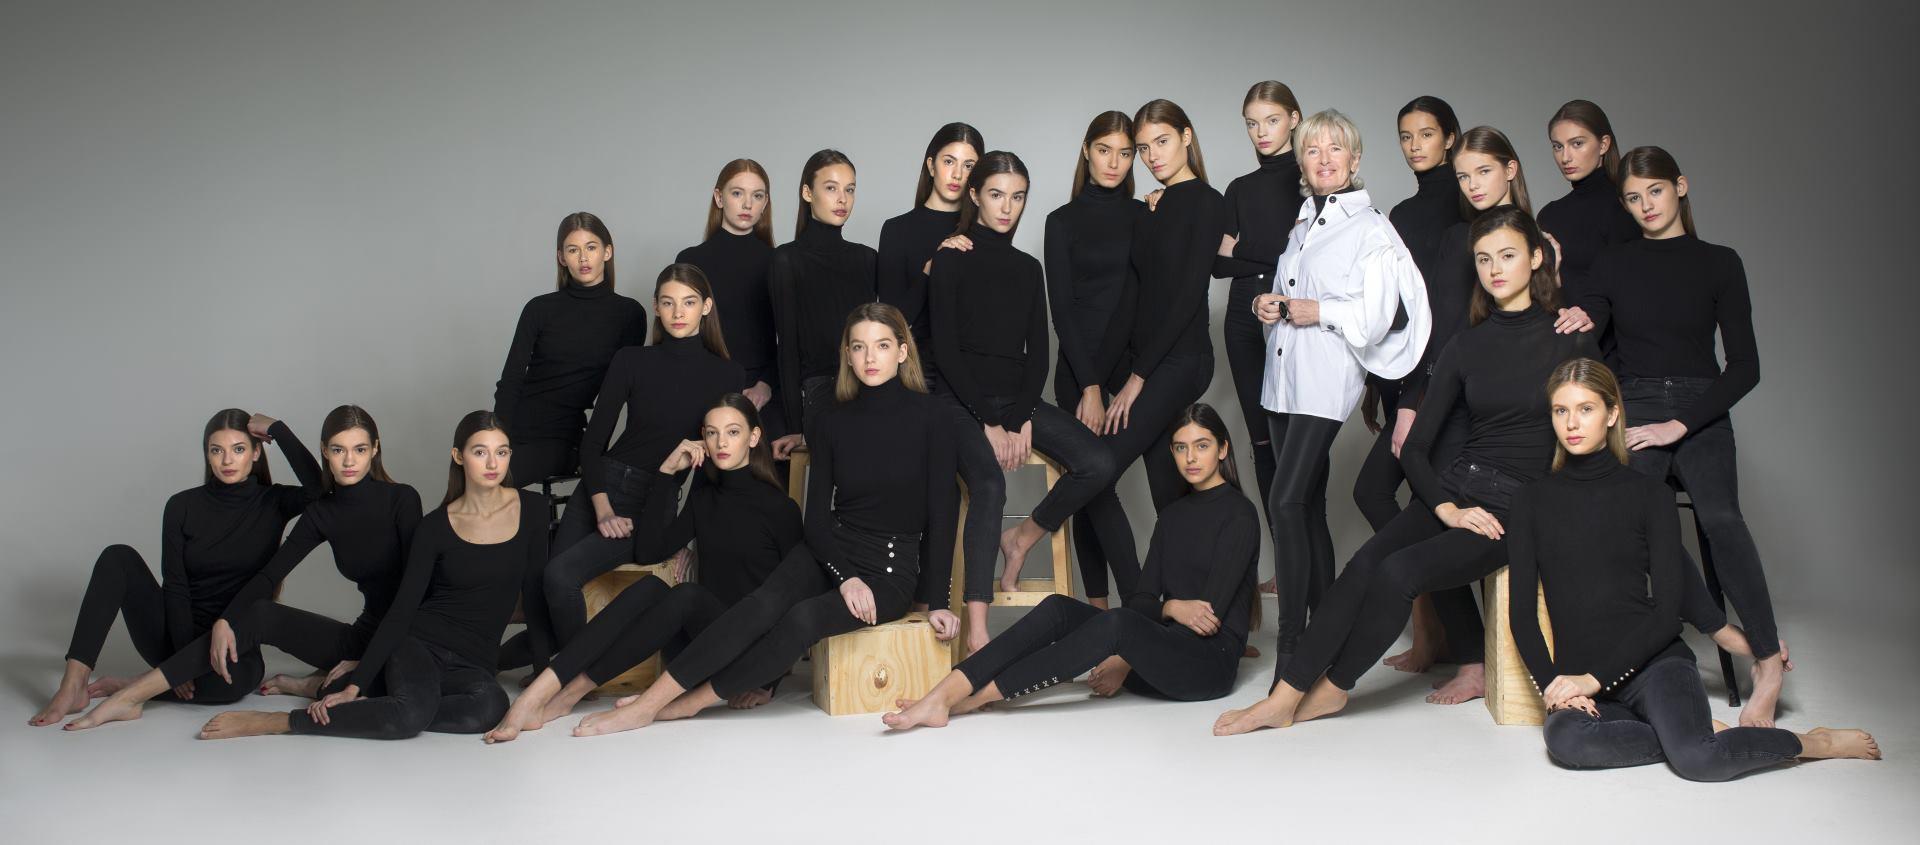 FOTO: Modna agencija 'Talia Model' slavi dvadeseti jubilej